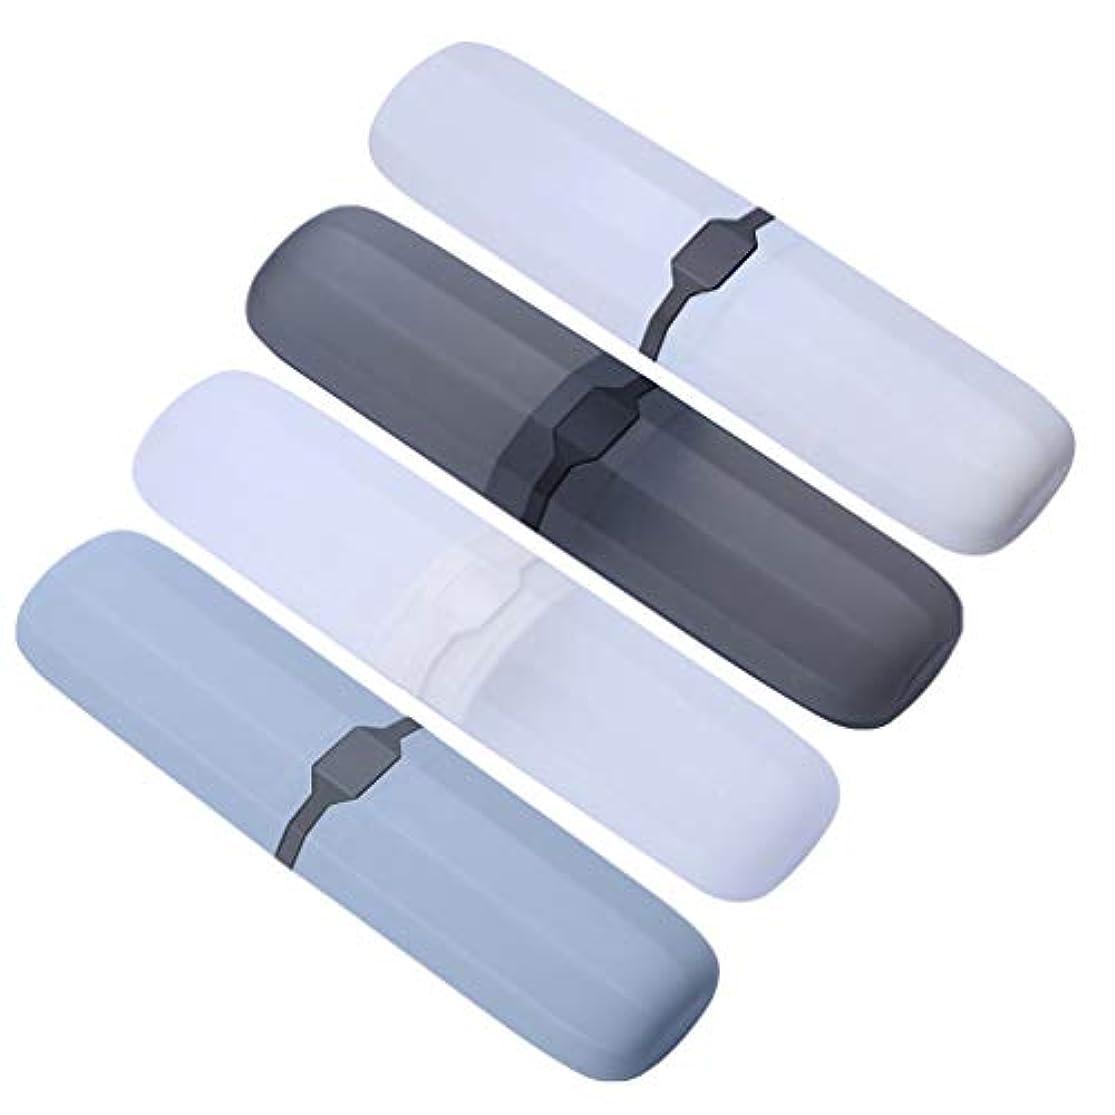 レンチオンス手順Healifty Toothbrush Case Portable Toothpaste Storage Box for Travel 4PCS